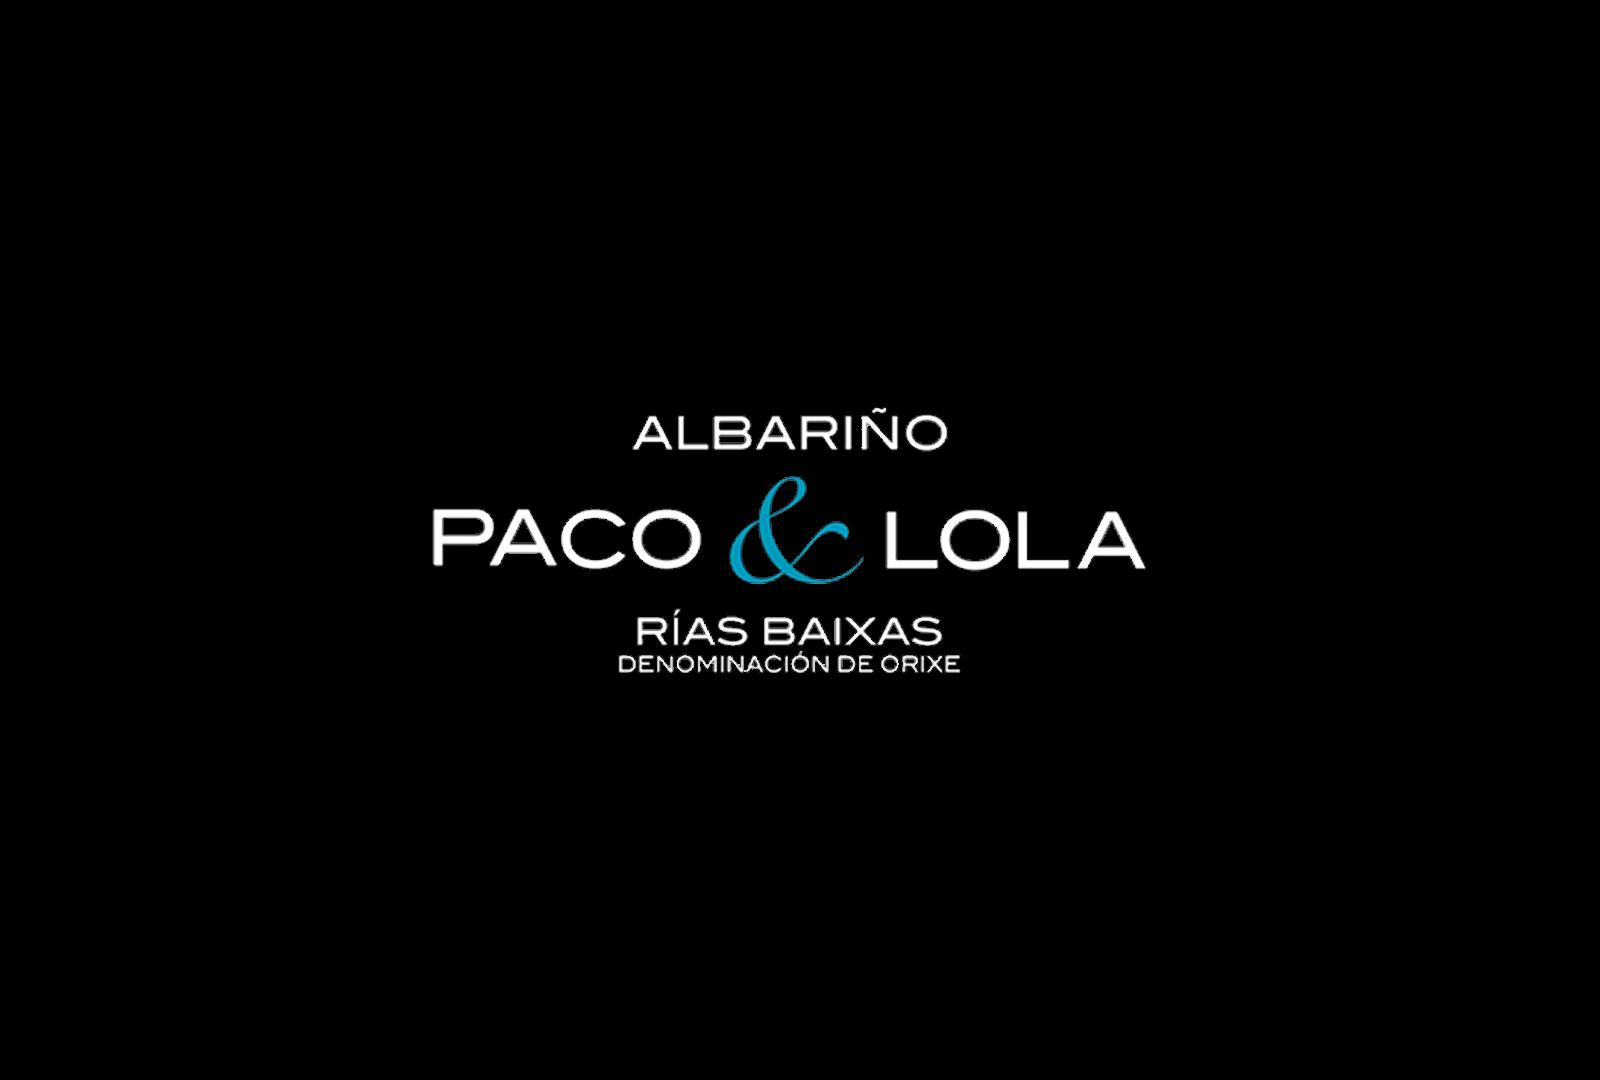 """Albariño Paco & Lola. Sello """"Galicia Calidade""""."""